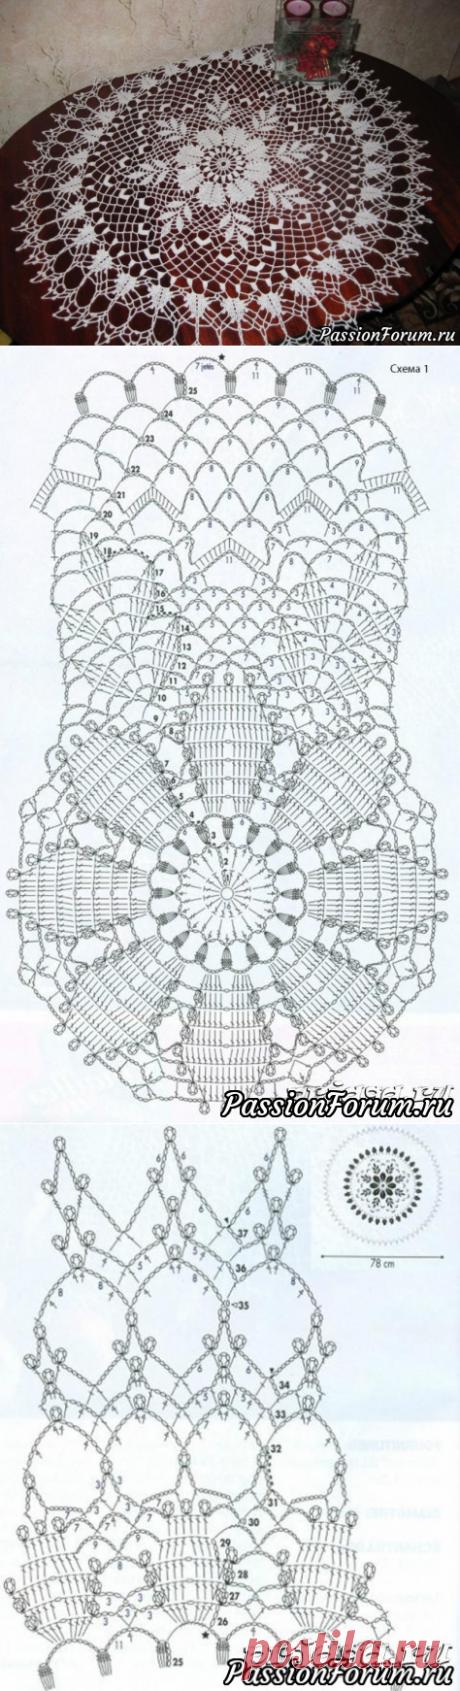 Люблю вязать салфетки крючком-3 - запись пользователя Александр (Александр) в сообществе Вязание крючком в категории Вязаные крючком аксессуары